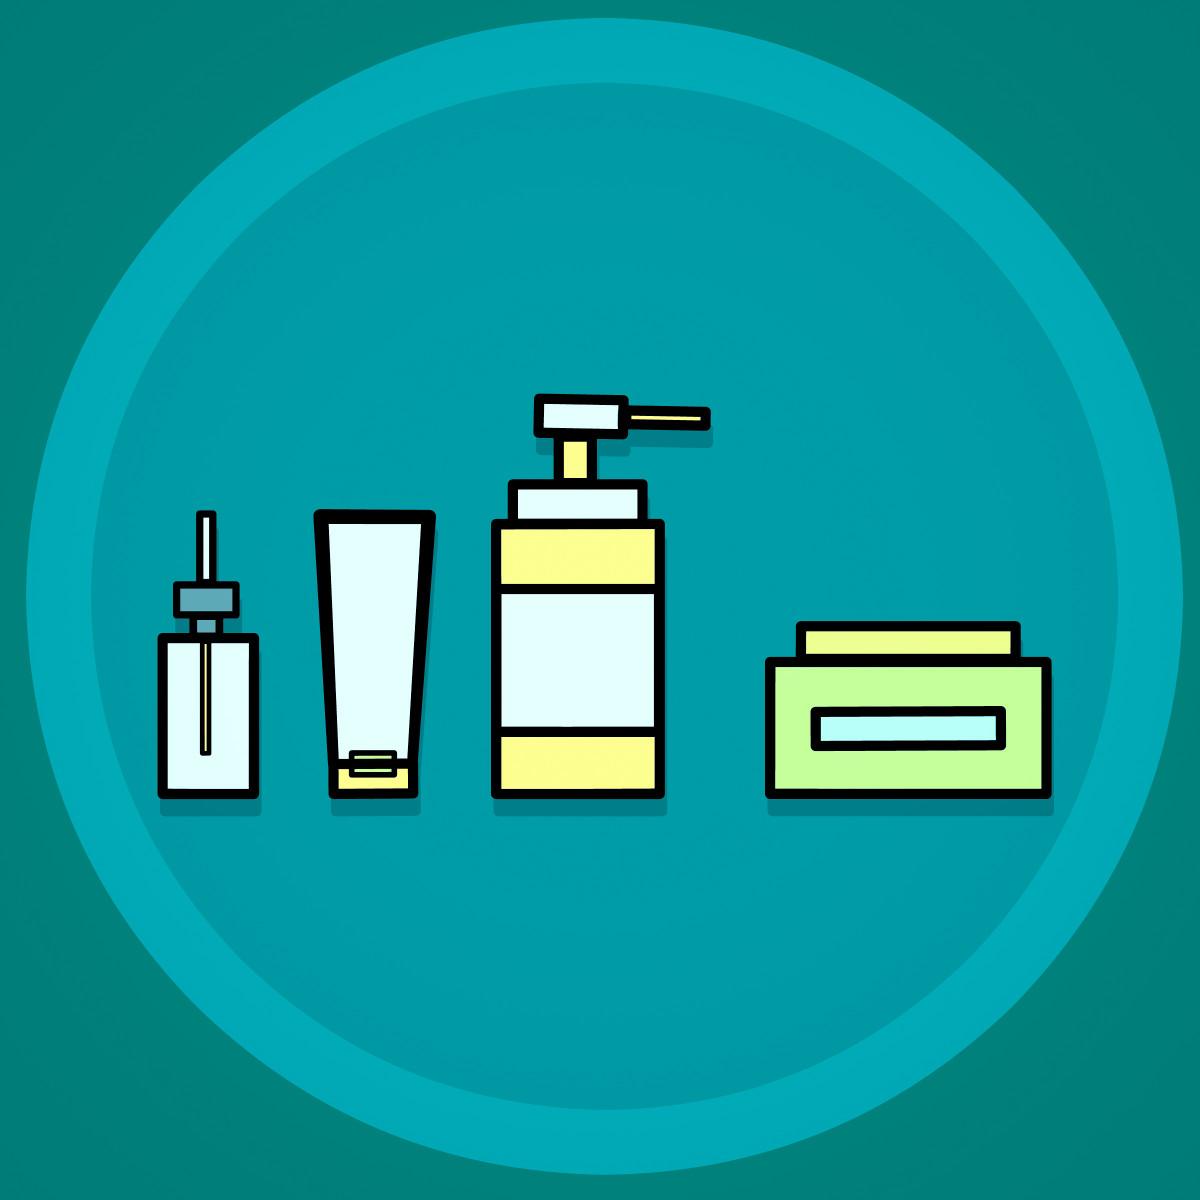 images gratuites soin de la peau produits de beaut une baignoire cr me bouteilles. Black Bedroom Furniture Sets. Home Design Ideas